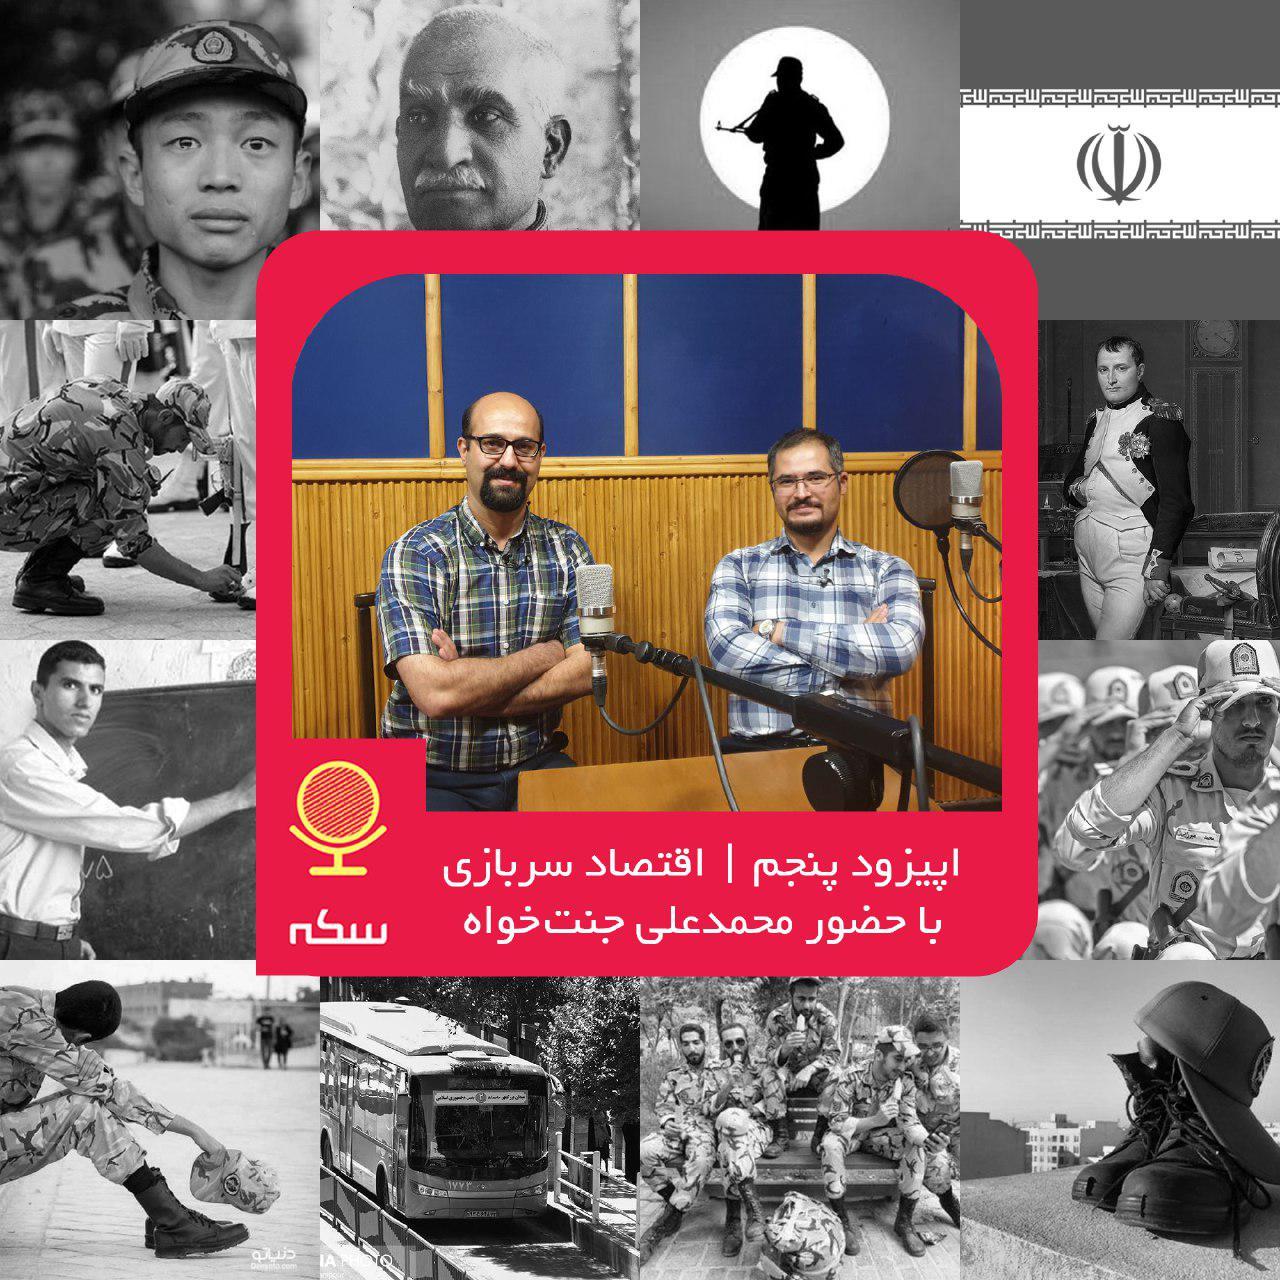 اپیزود پنجم پادکست سکه: تبعات دوره سربازی برای اقتصاد ایران چیست؟